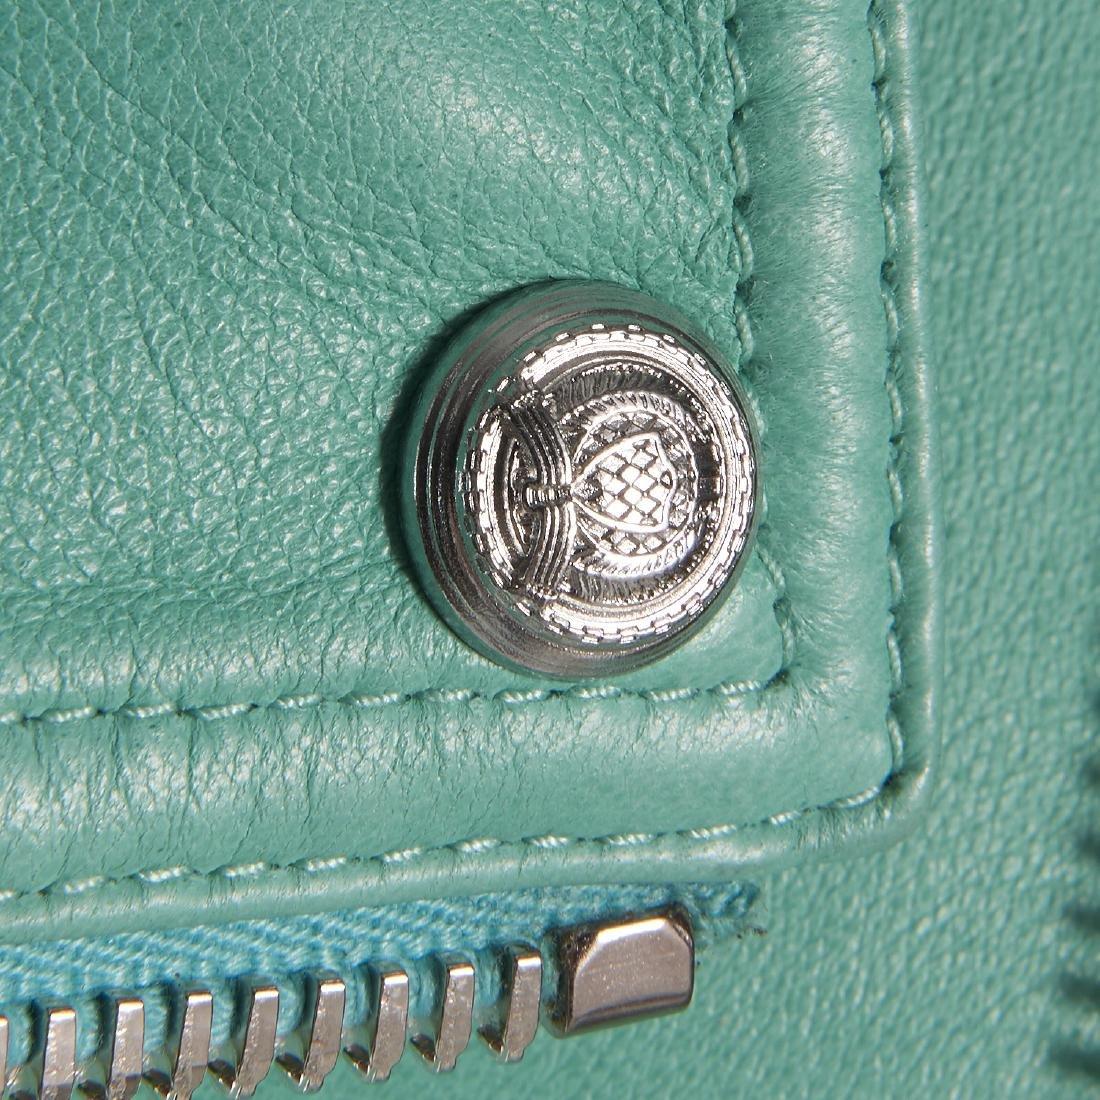 Balmain Paris turquoise lambskin jacket - 6